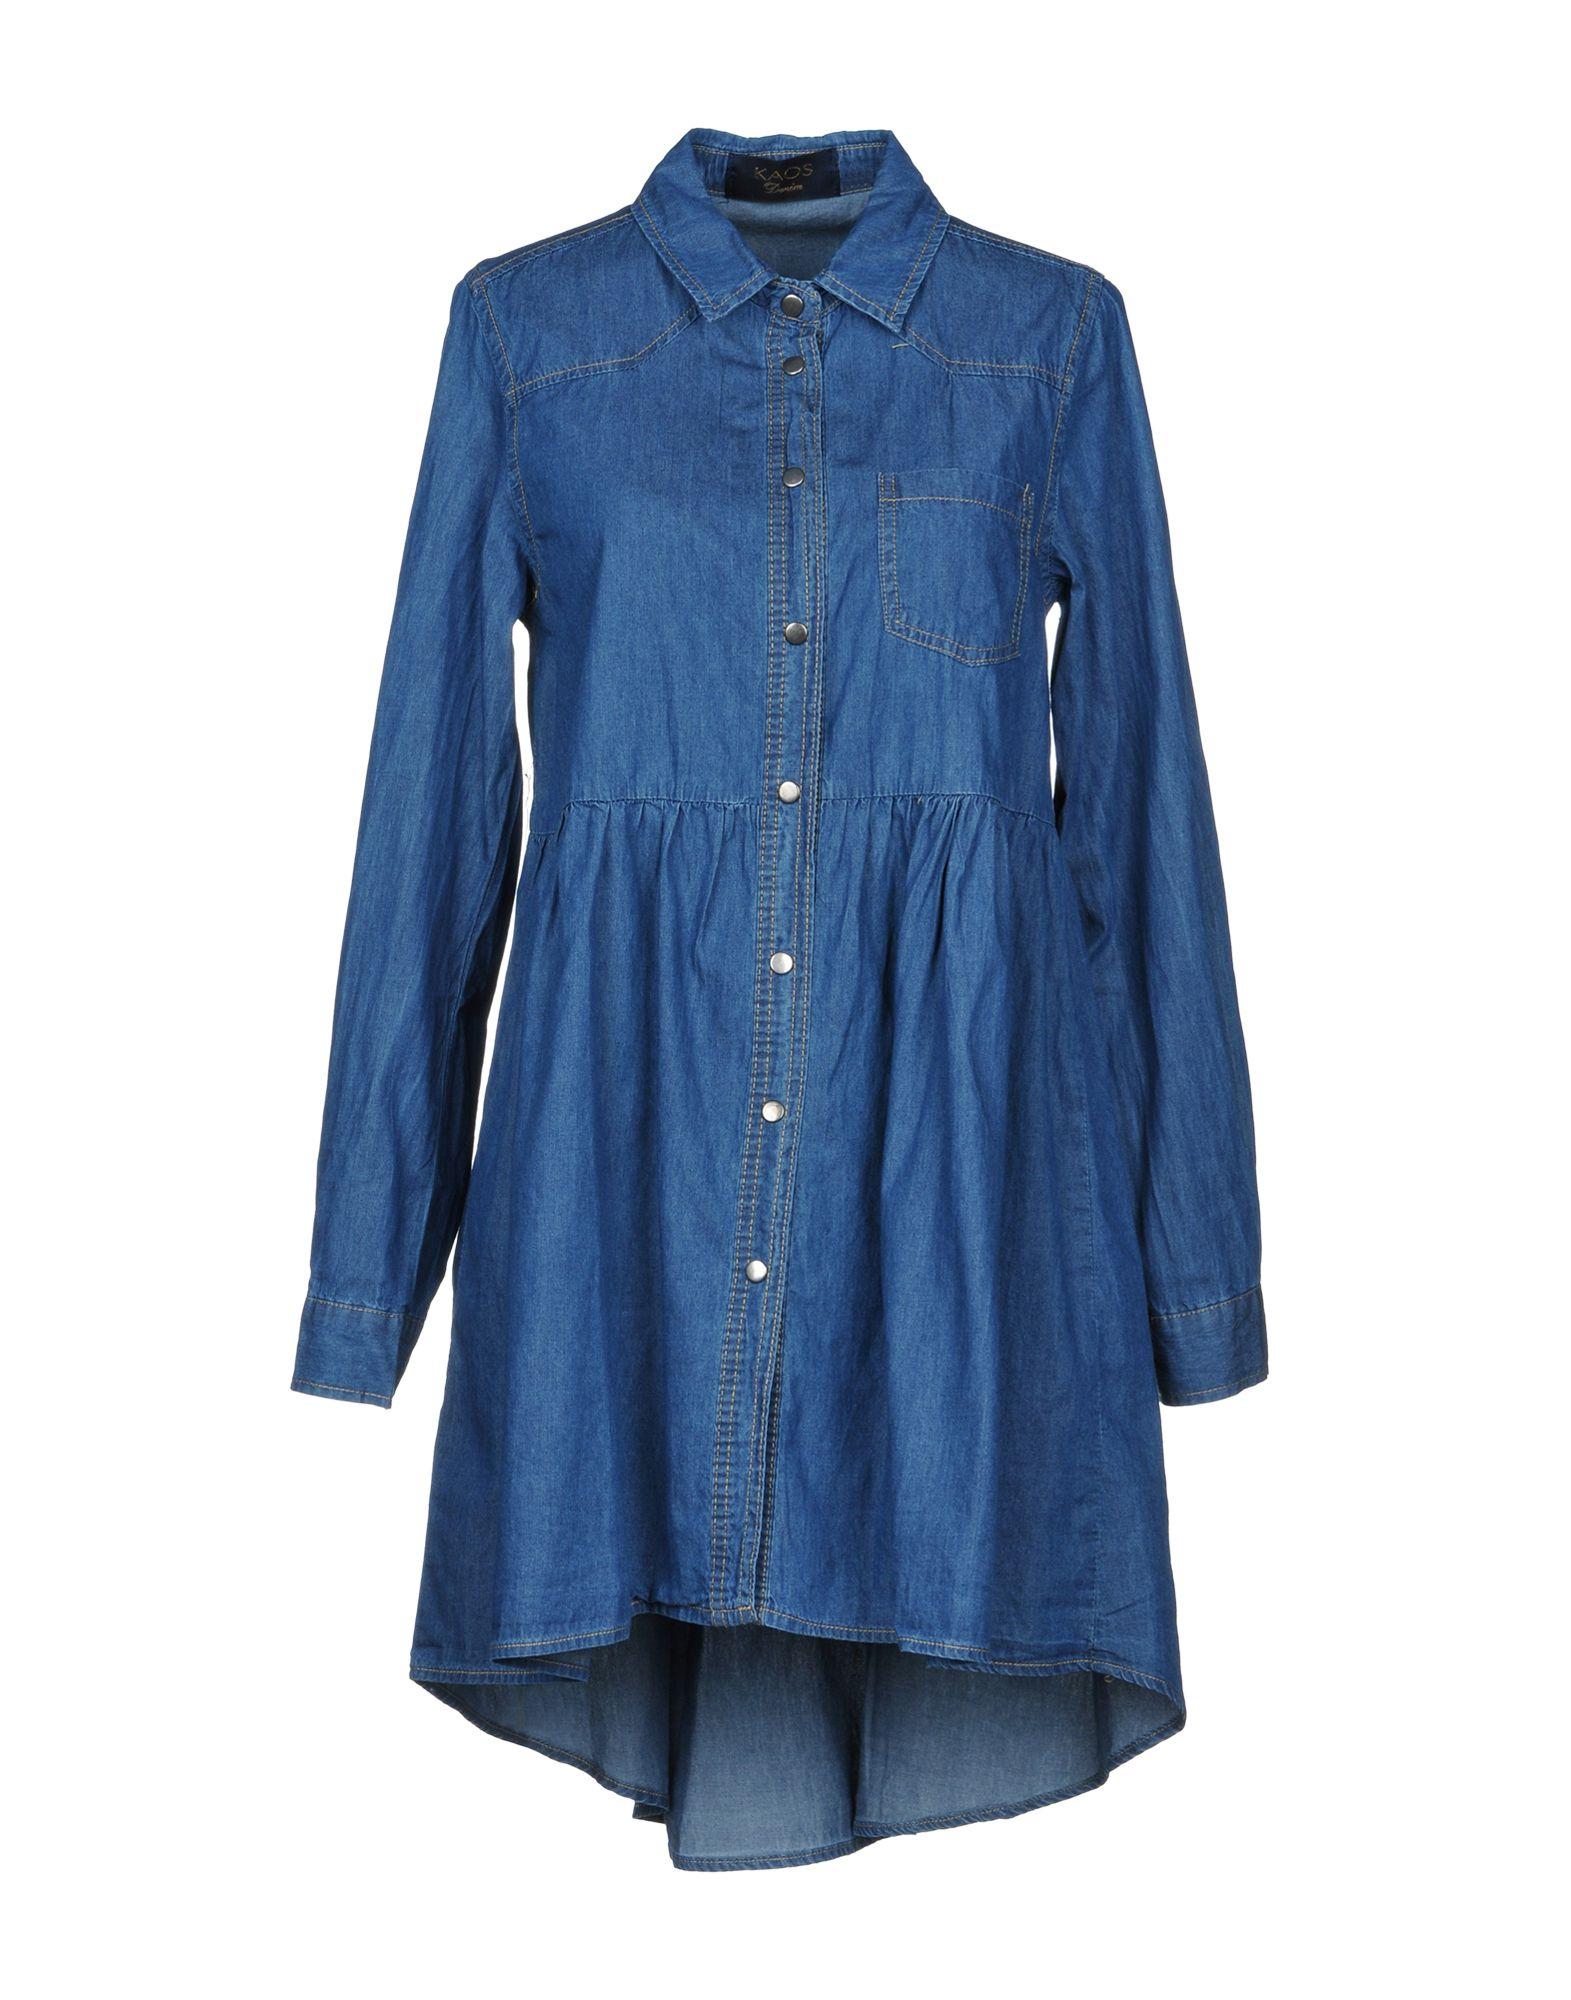 Vestito Chemisier Kaos Jeans Donna - Acquista online su